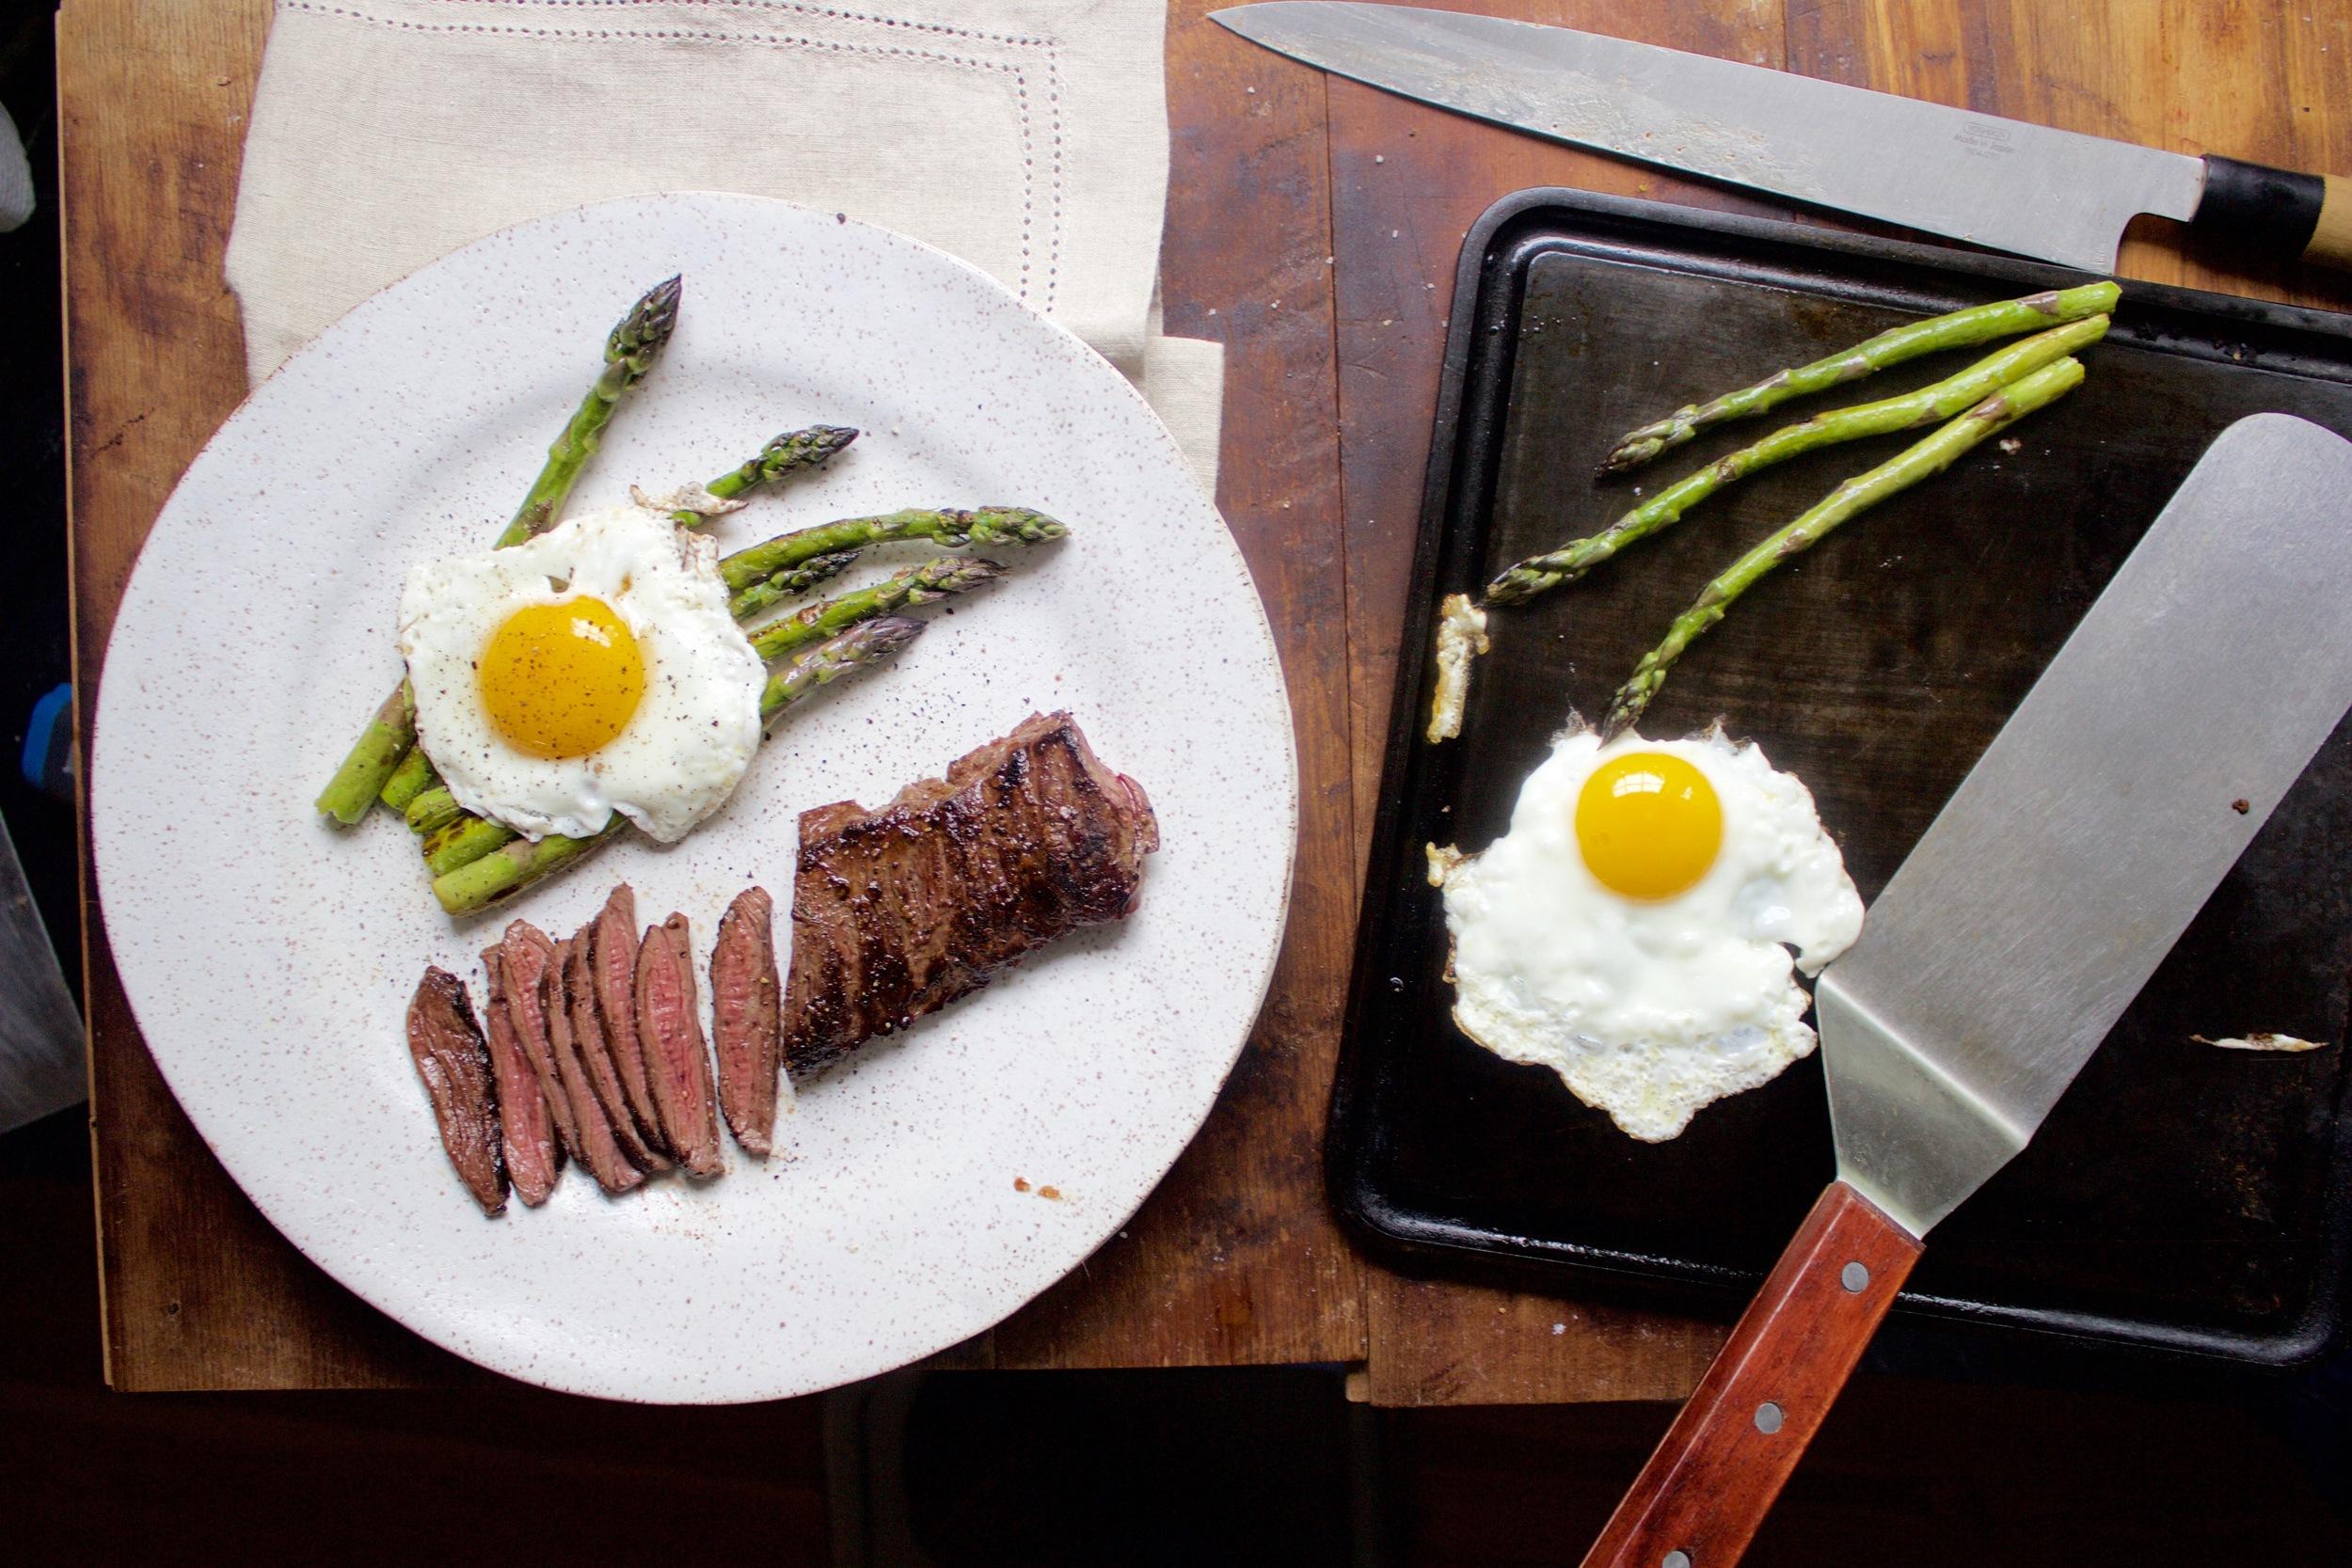 Tasty Steak and Egg on the Baking Steel Mini